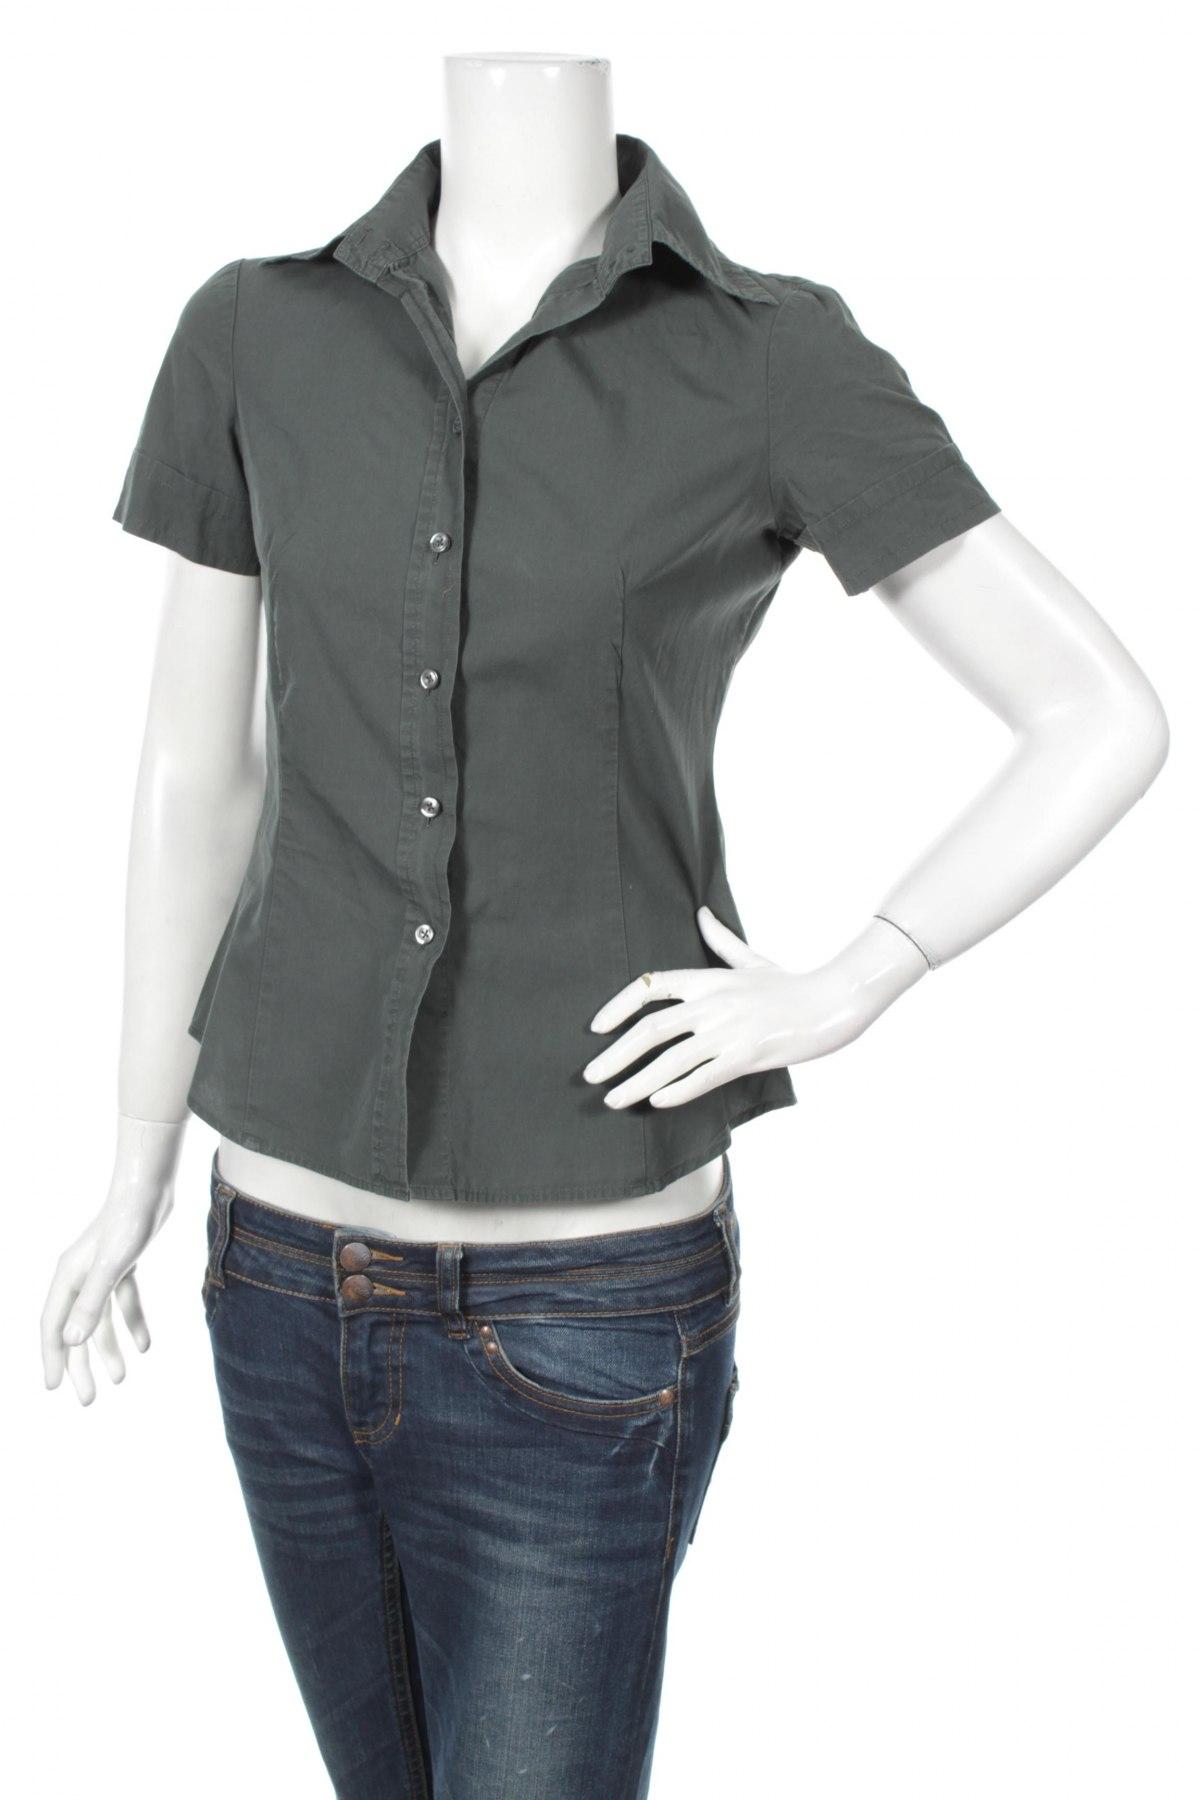 Γυναικείο πουκάμισο United Colors Of Benetton, Μέγεθος S, Χρώμα Πράσινο, Βαμβάκι, Τιμή 12,99€